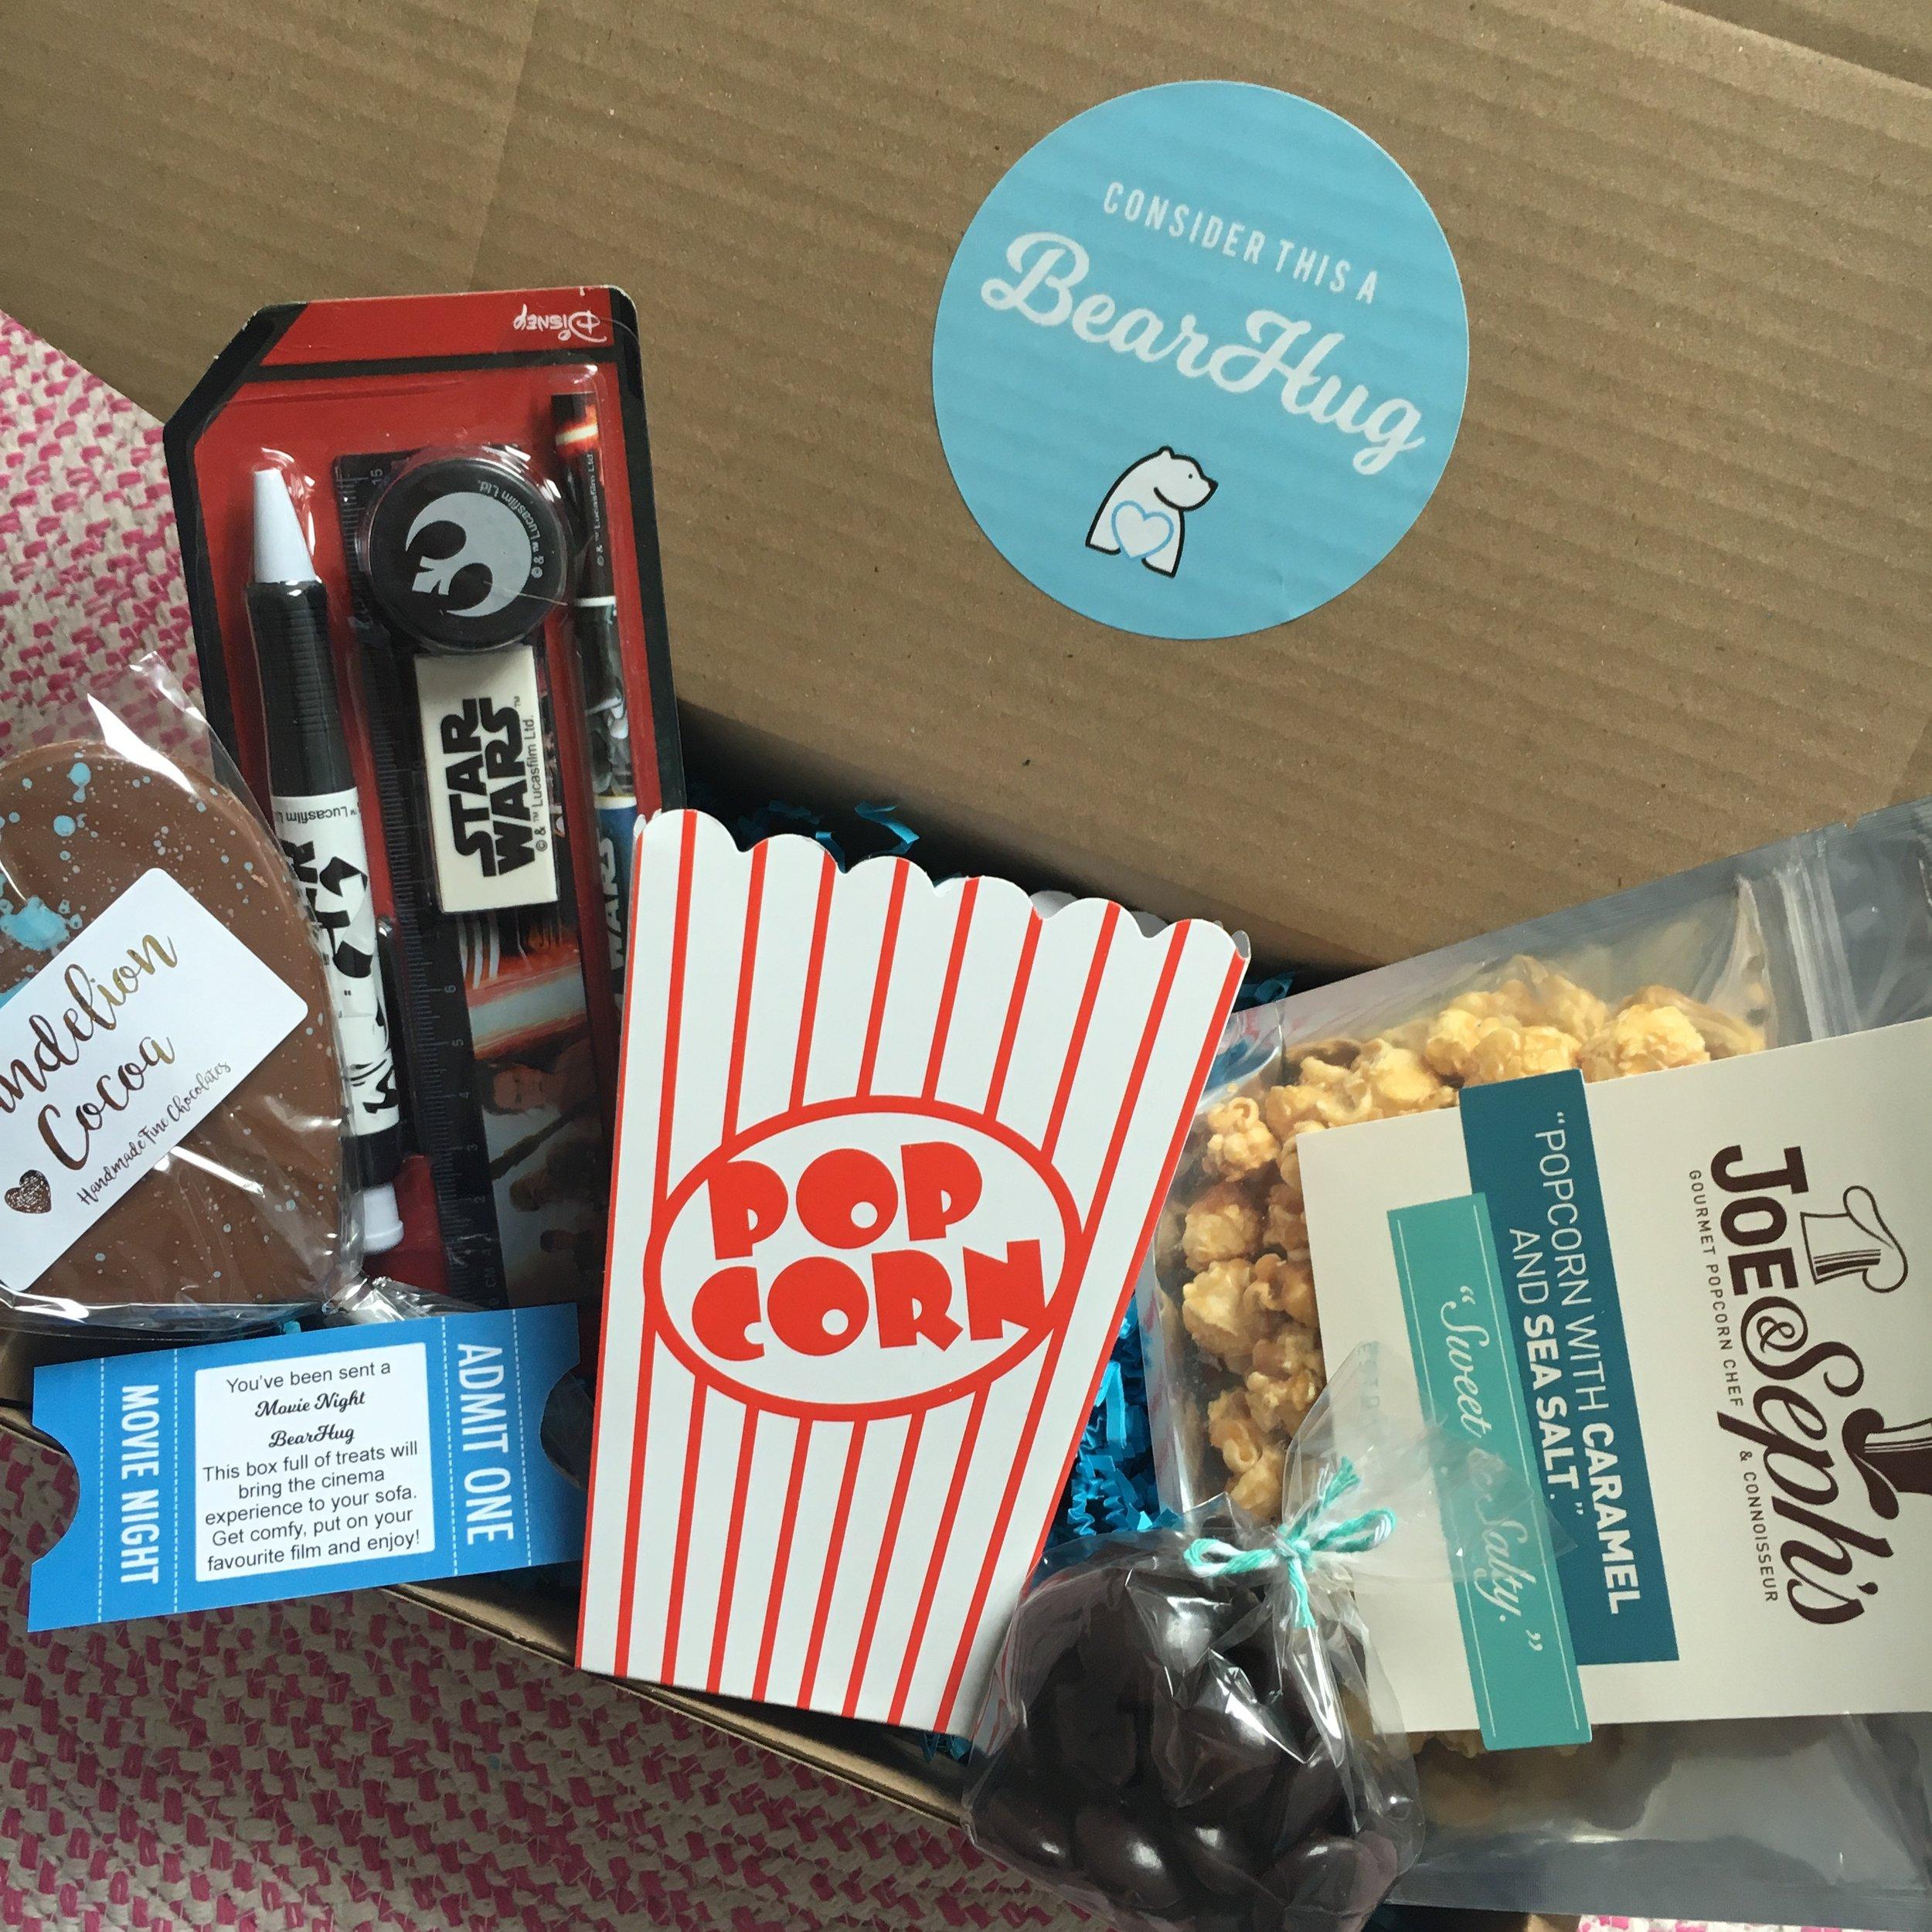 stars wars movie night gift box